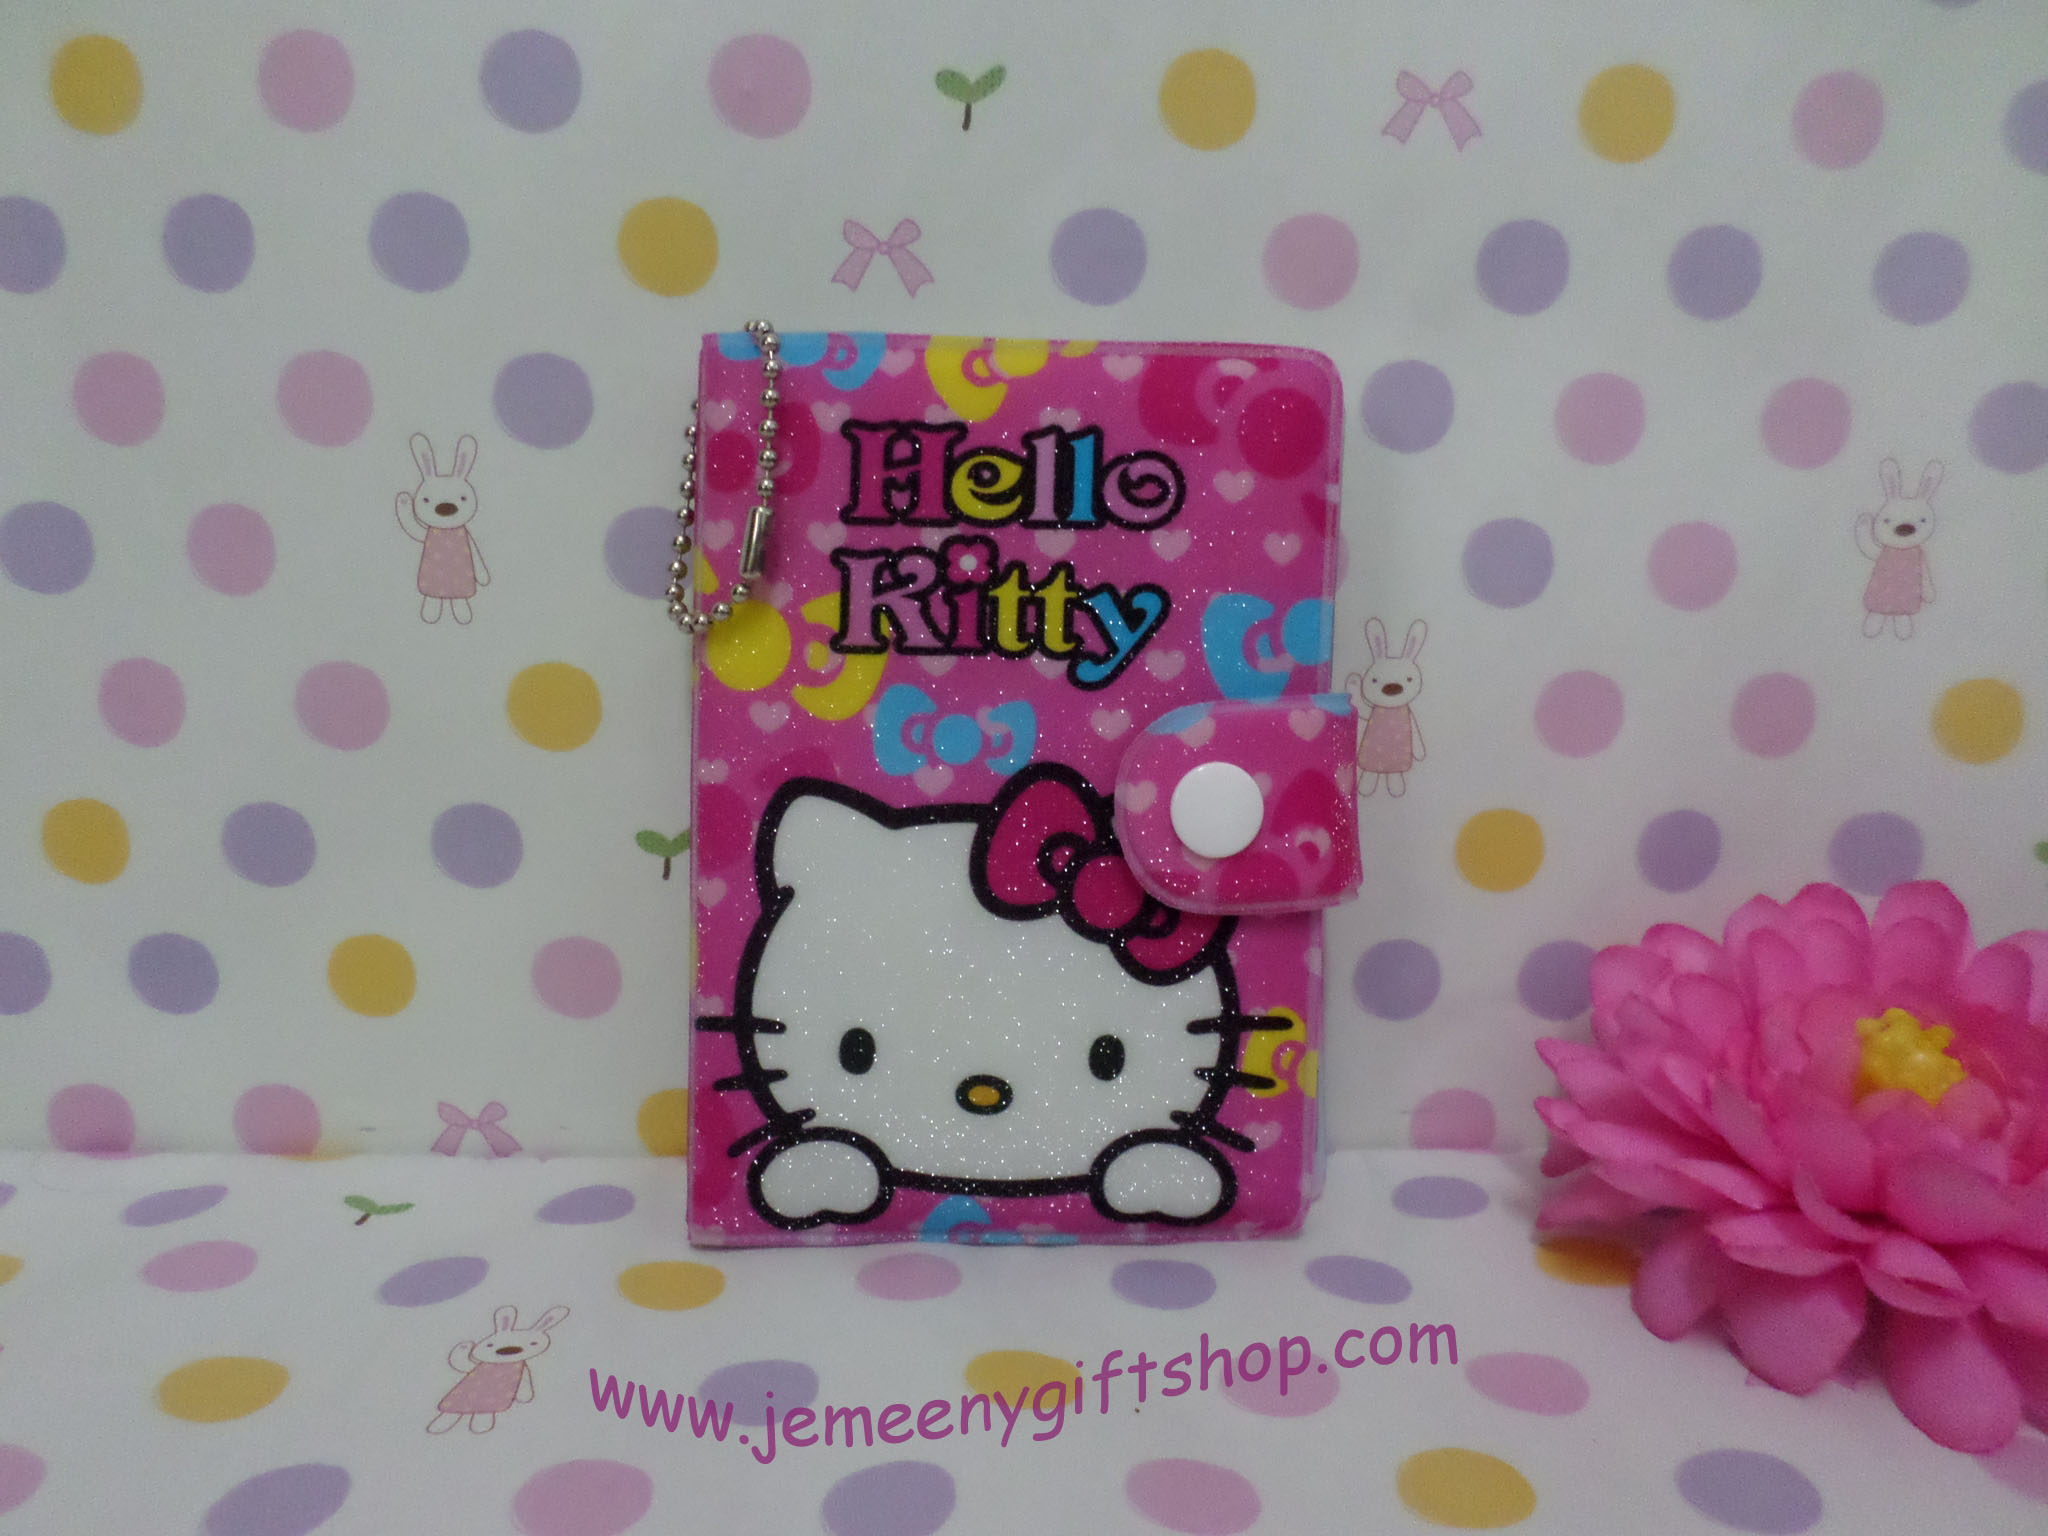 กระเป๋าใส่บัตรเครดิต นามบัตร บัตรต่างๆ ฮัลโหลคิตตี้ Hello kitty#4 ขนาด 7.5 ซม. * 11 ซม. ลายฮัลโลคิตตี้ สีชมพู